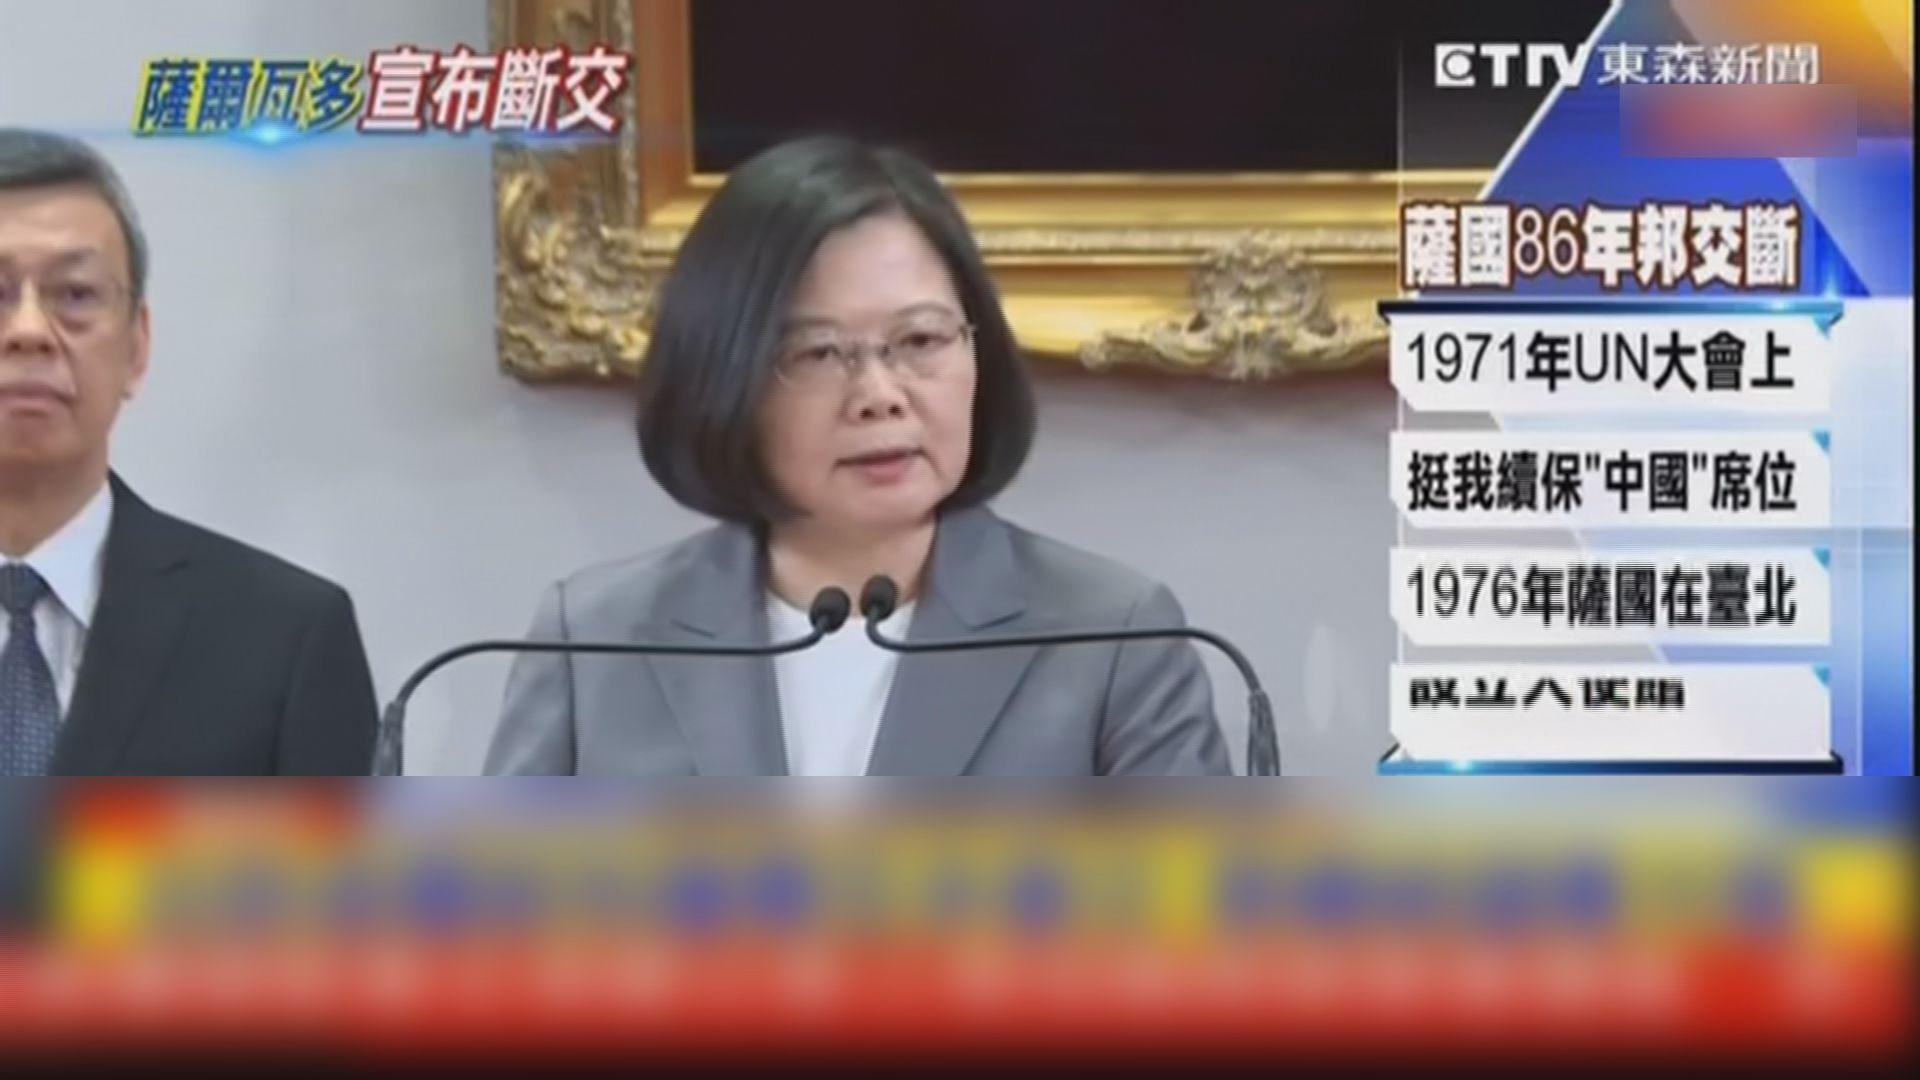 蔡英文批評北京藉打壓台灣凸顯影響力